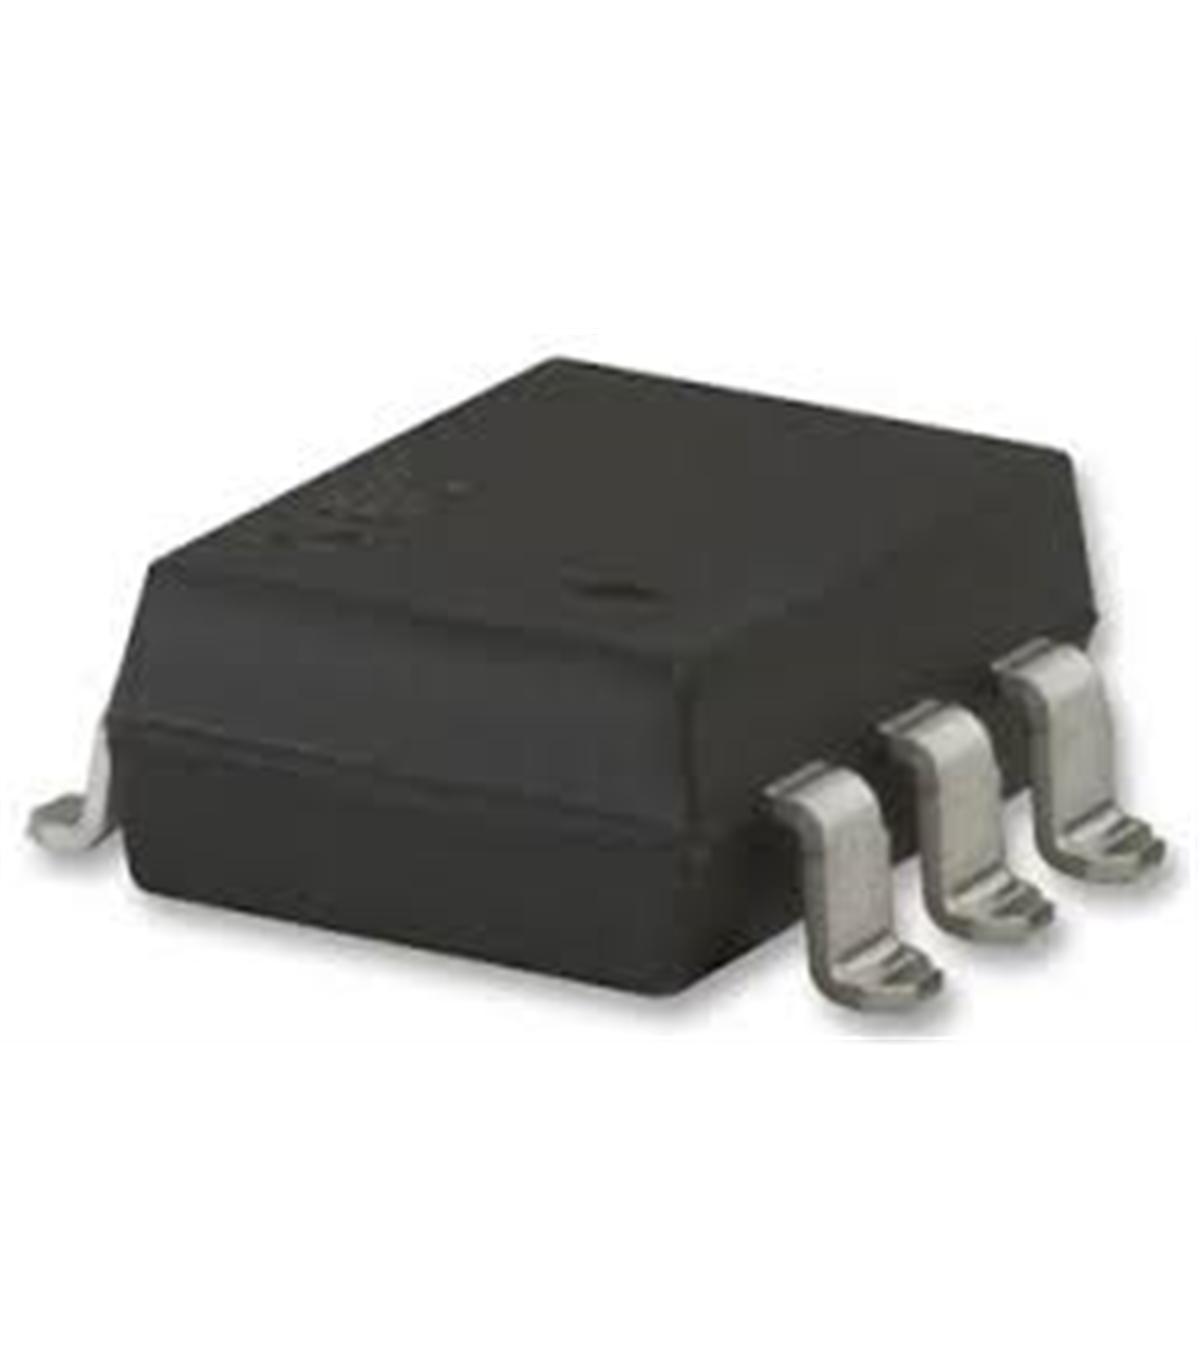 Circuito Optoacoplador : Tlp circuito integrado optoacoplador sdip electronica